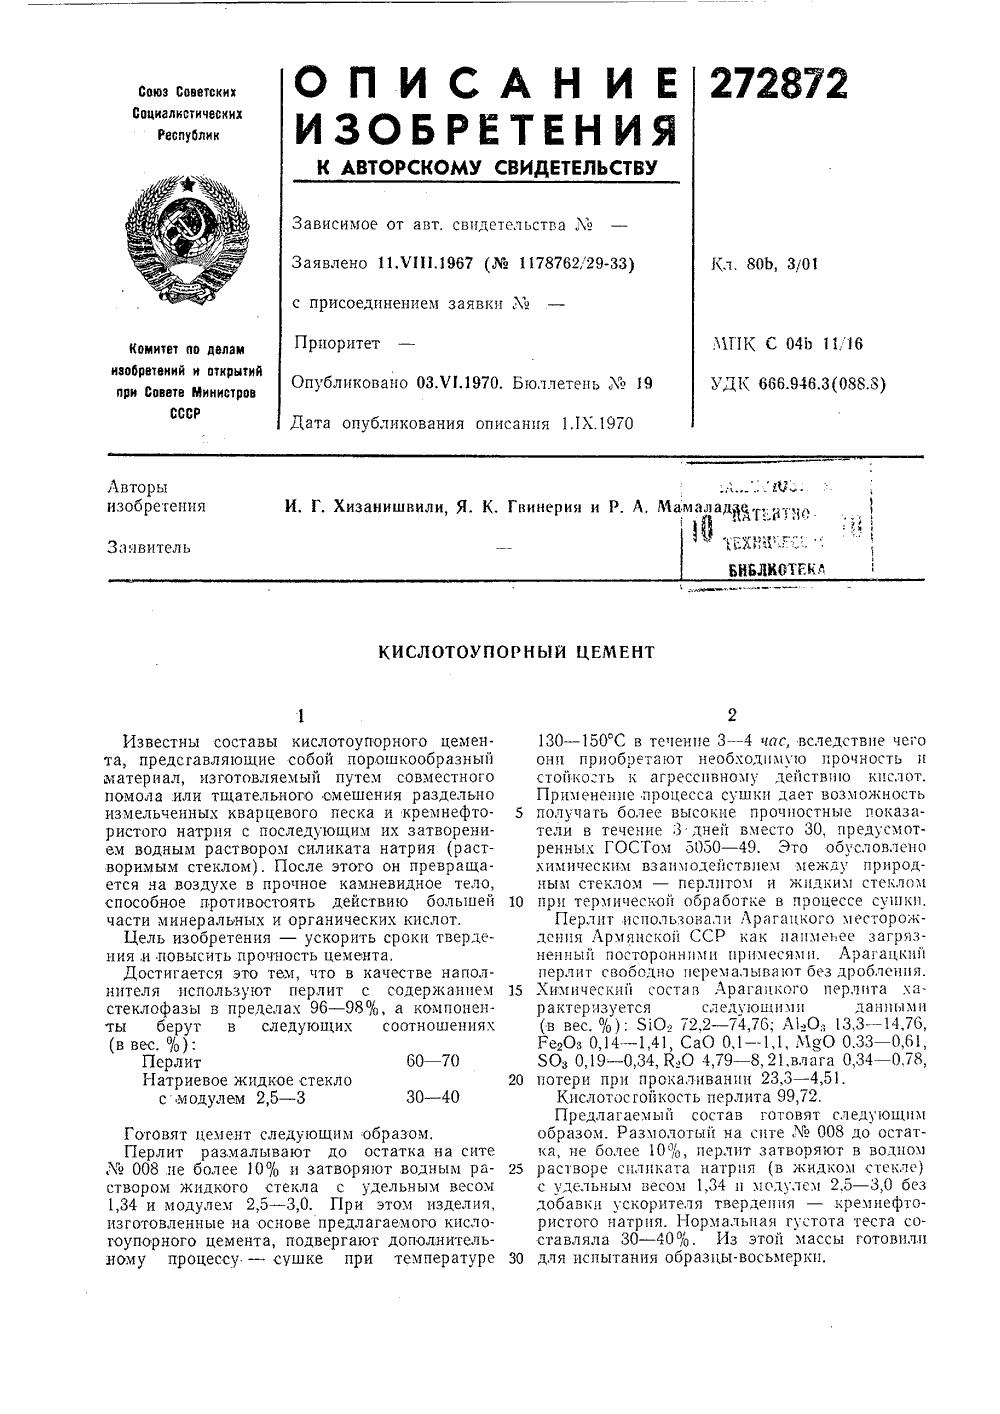 Цемент кислотоупорный кварцевый кремнефтористый гост 5050 49